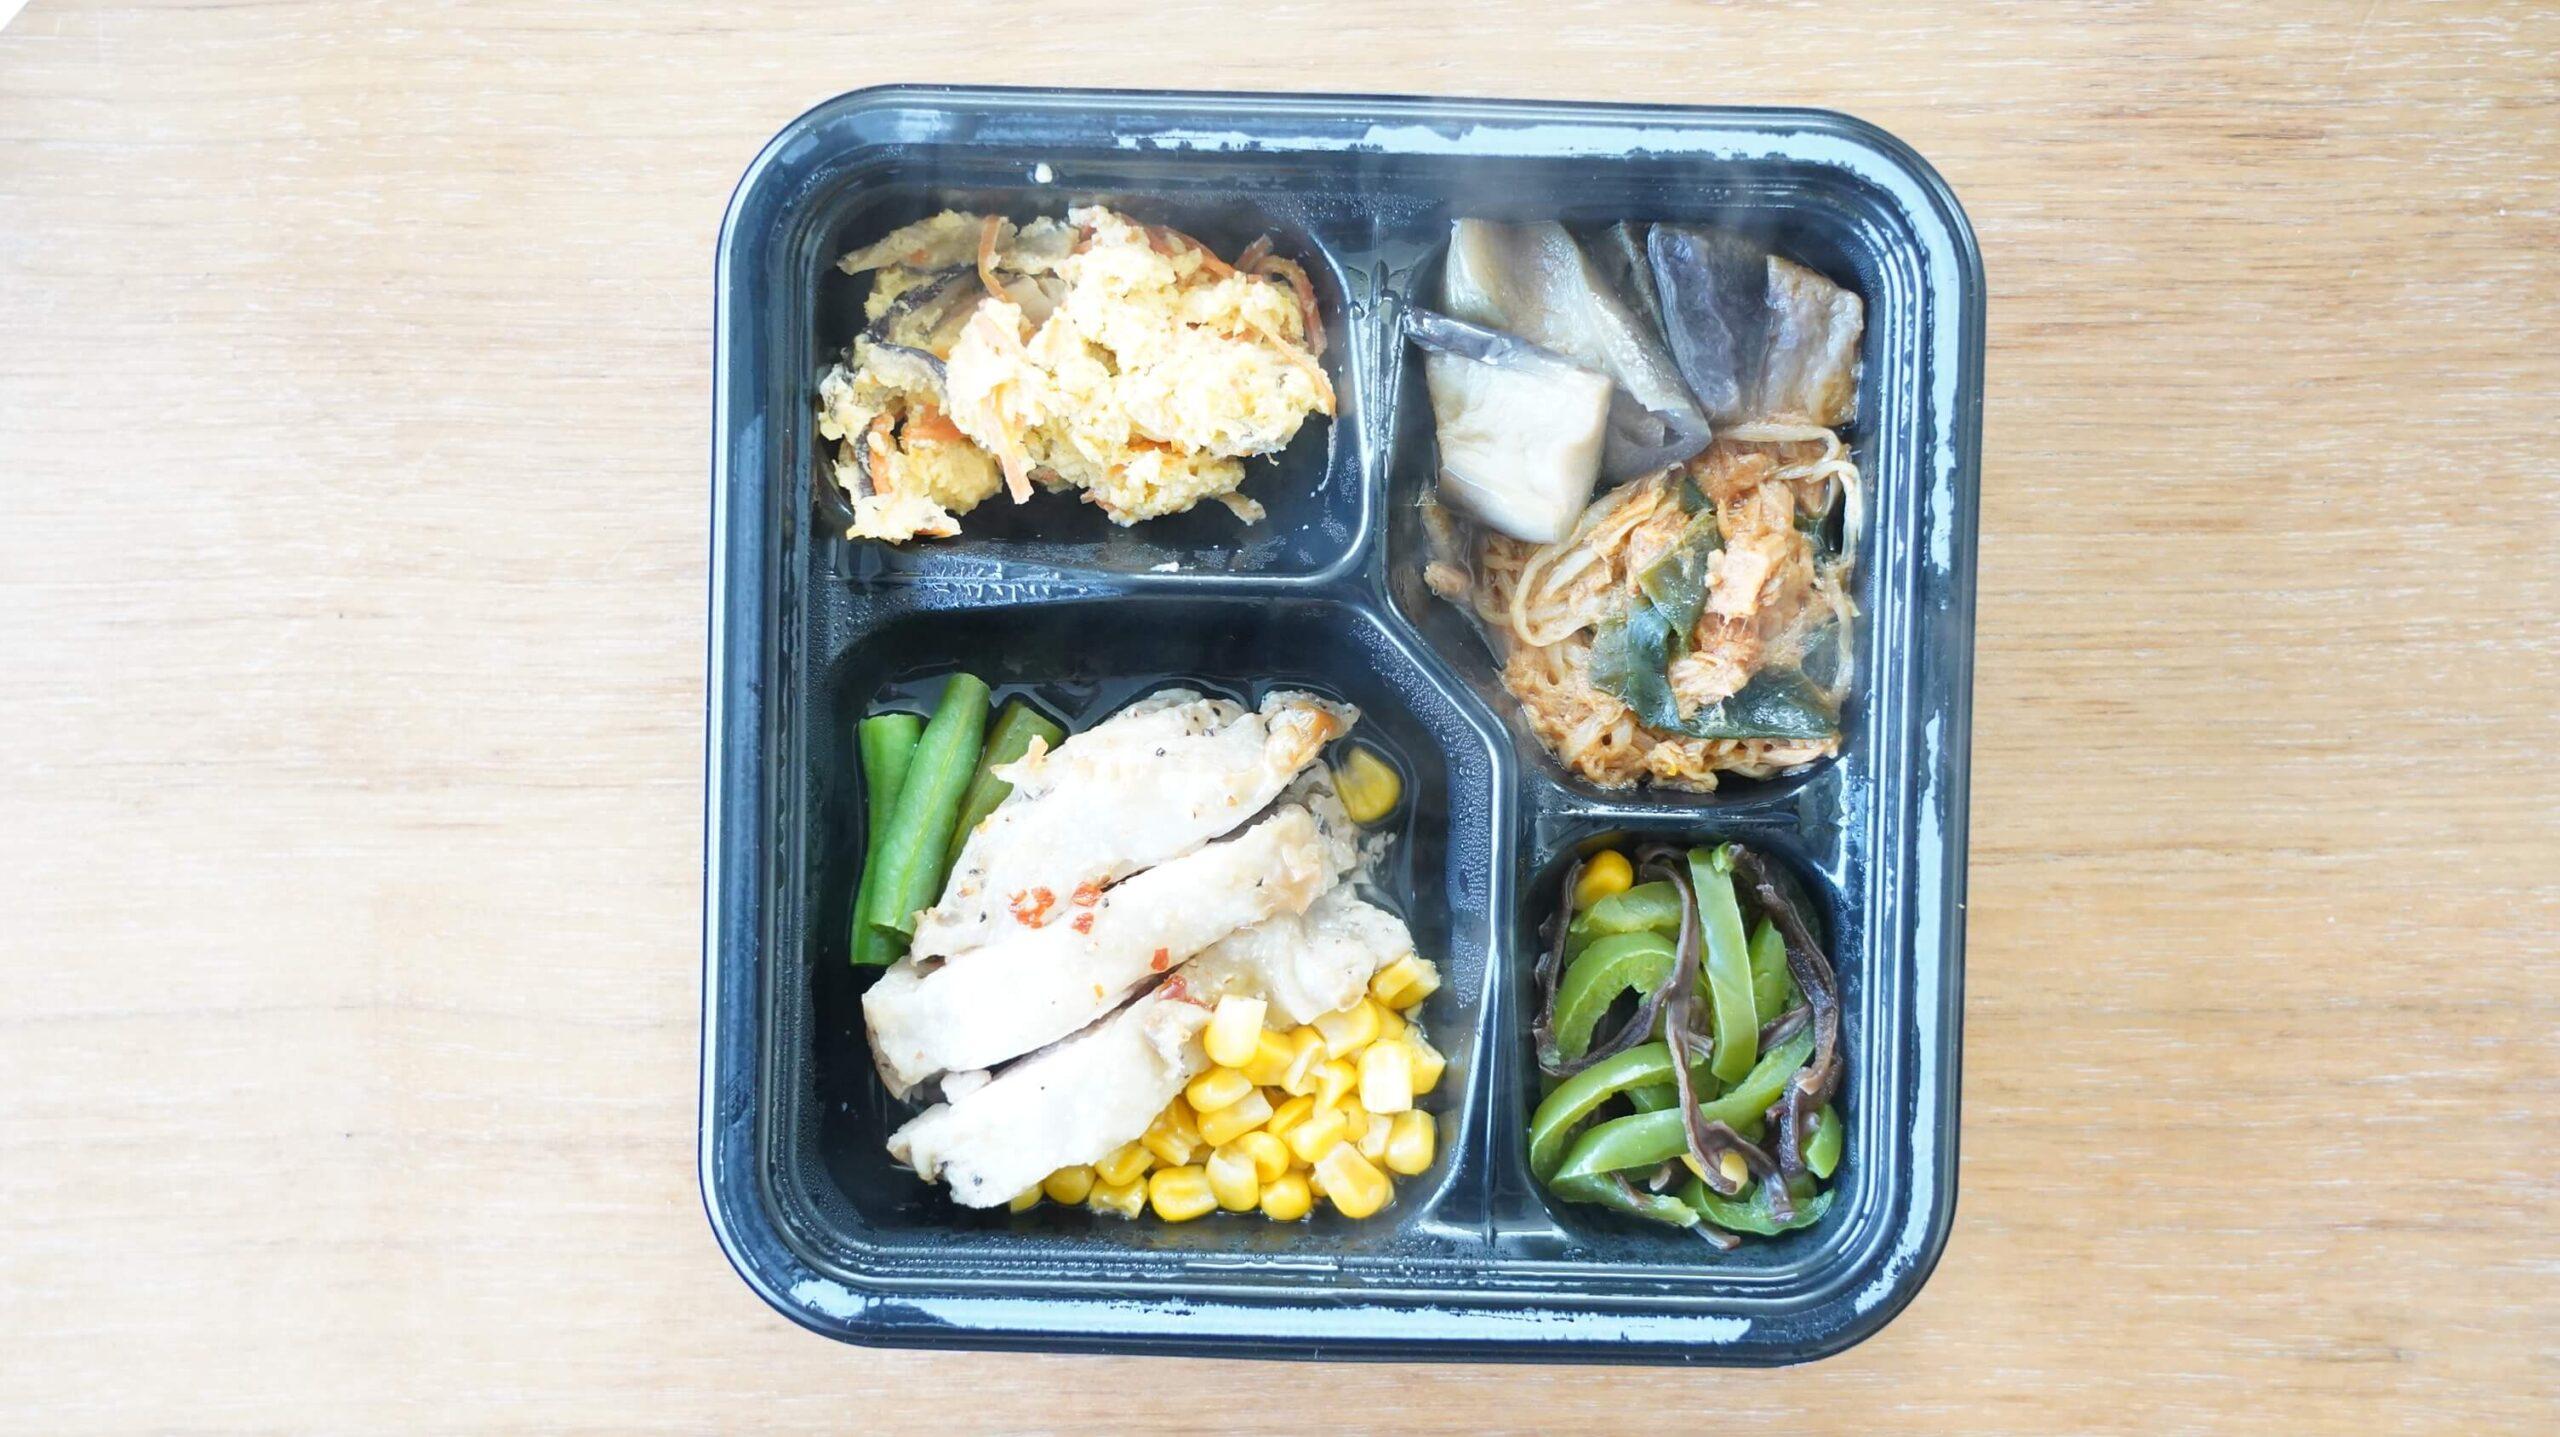 ライザップのサポートミール「鶏肉のエスニック焼き」を上から撮影した写真